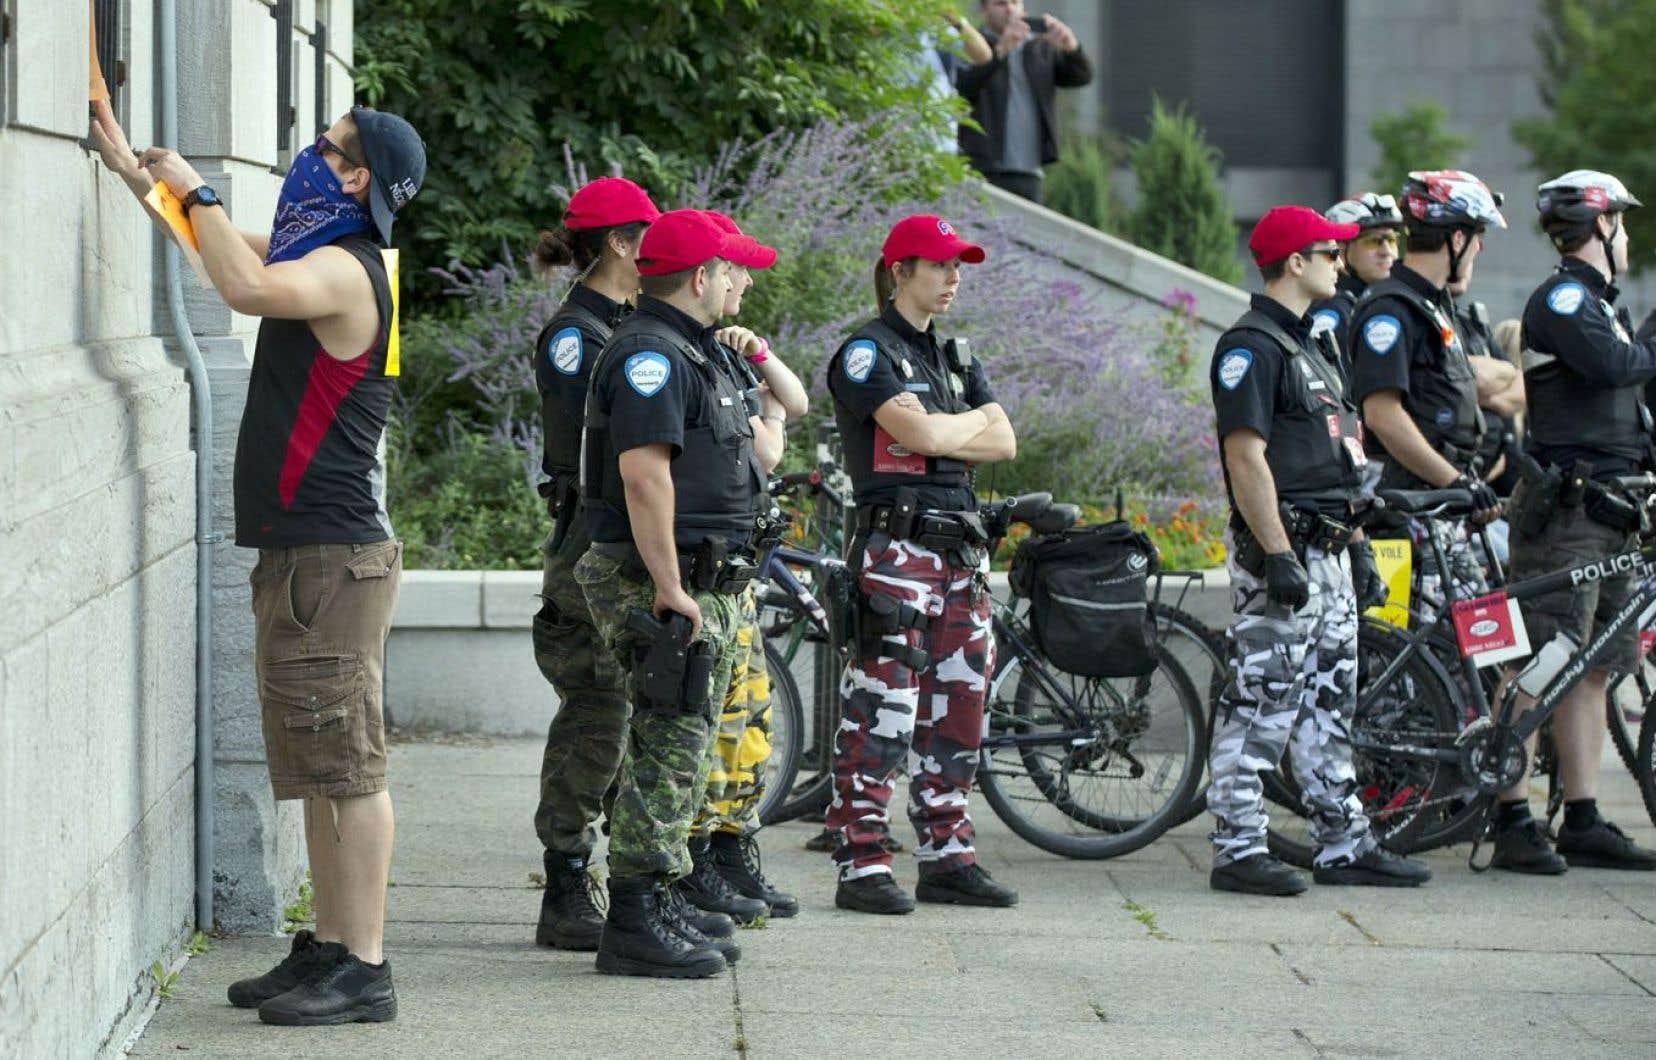 Certains policiers ont laissé les manifestants s'exprimer sans contrainte, la semaine dernière.